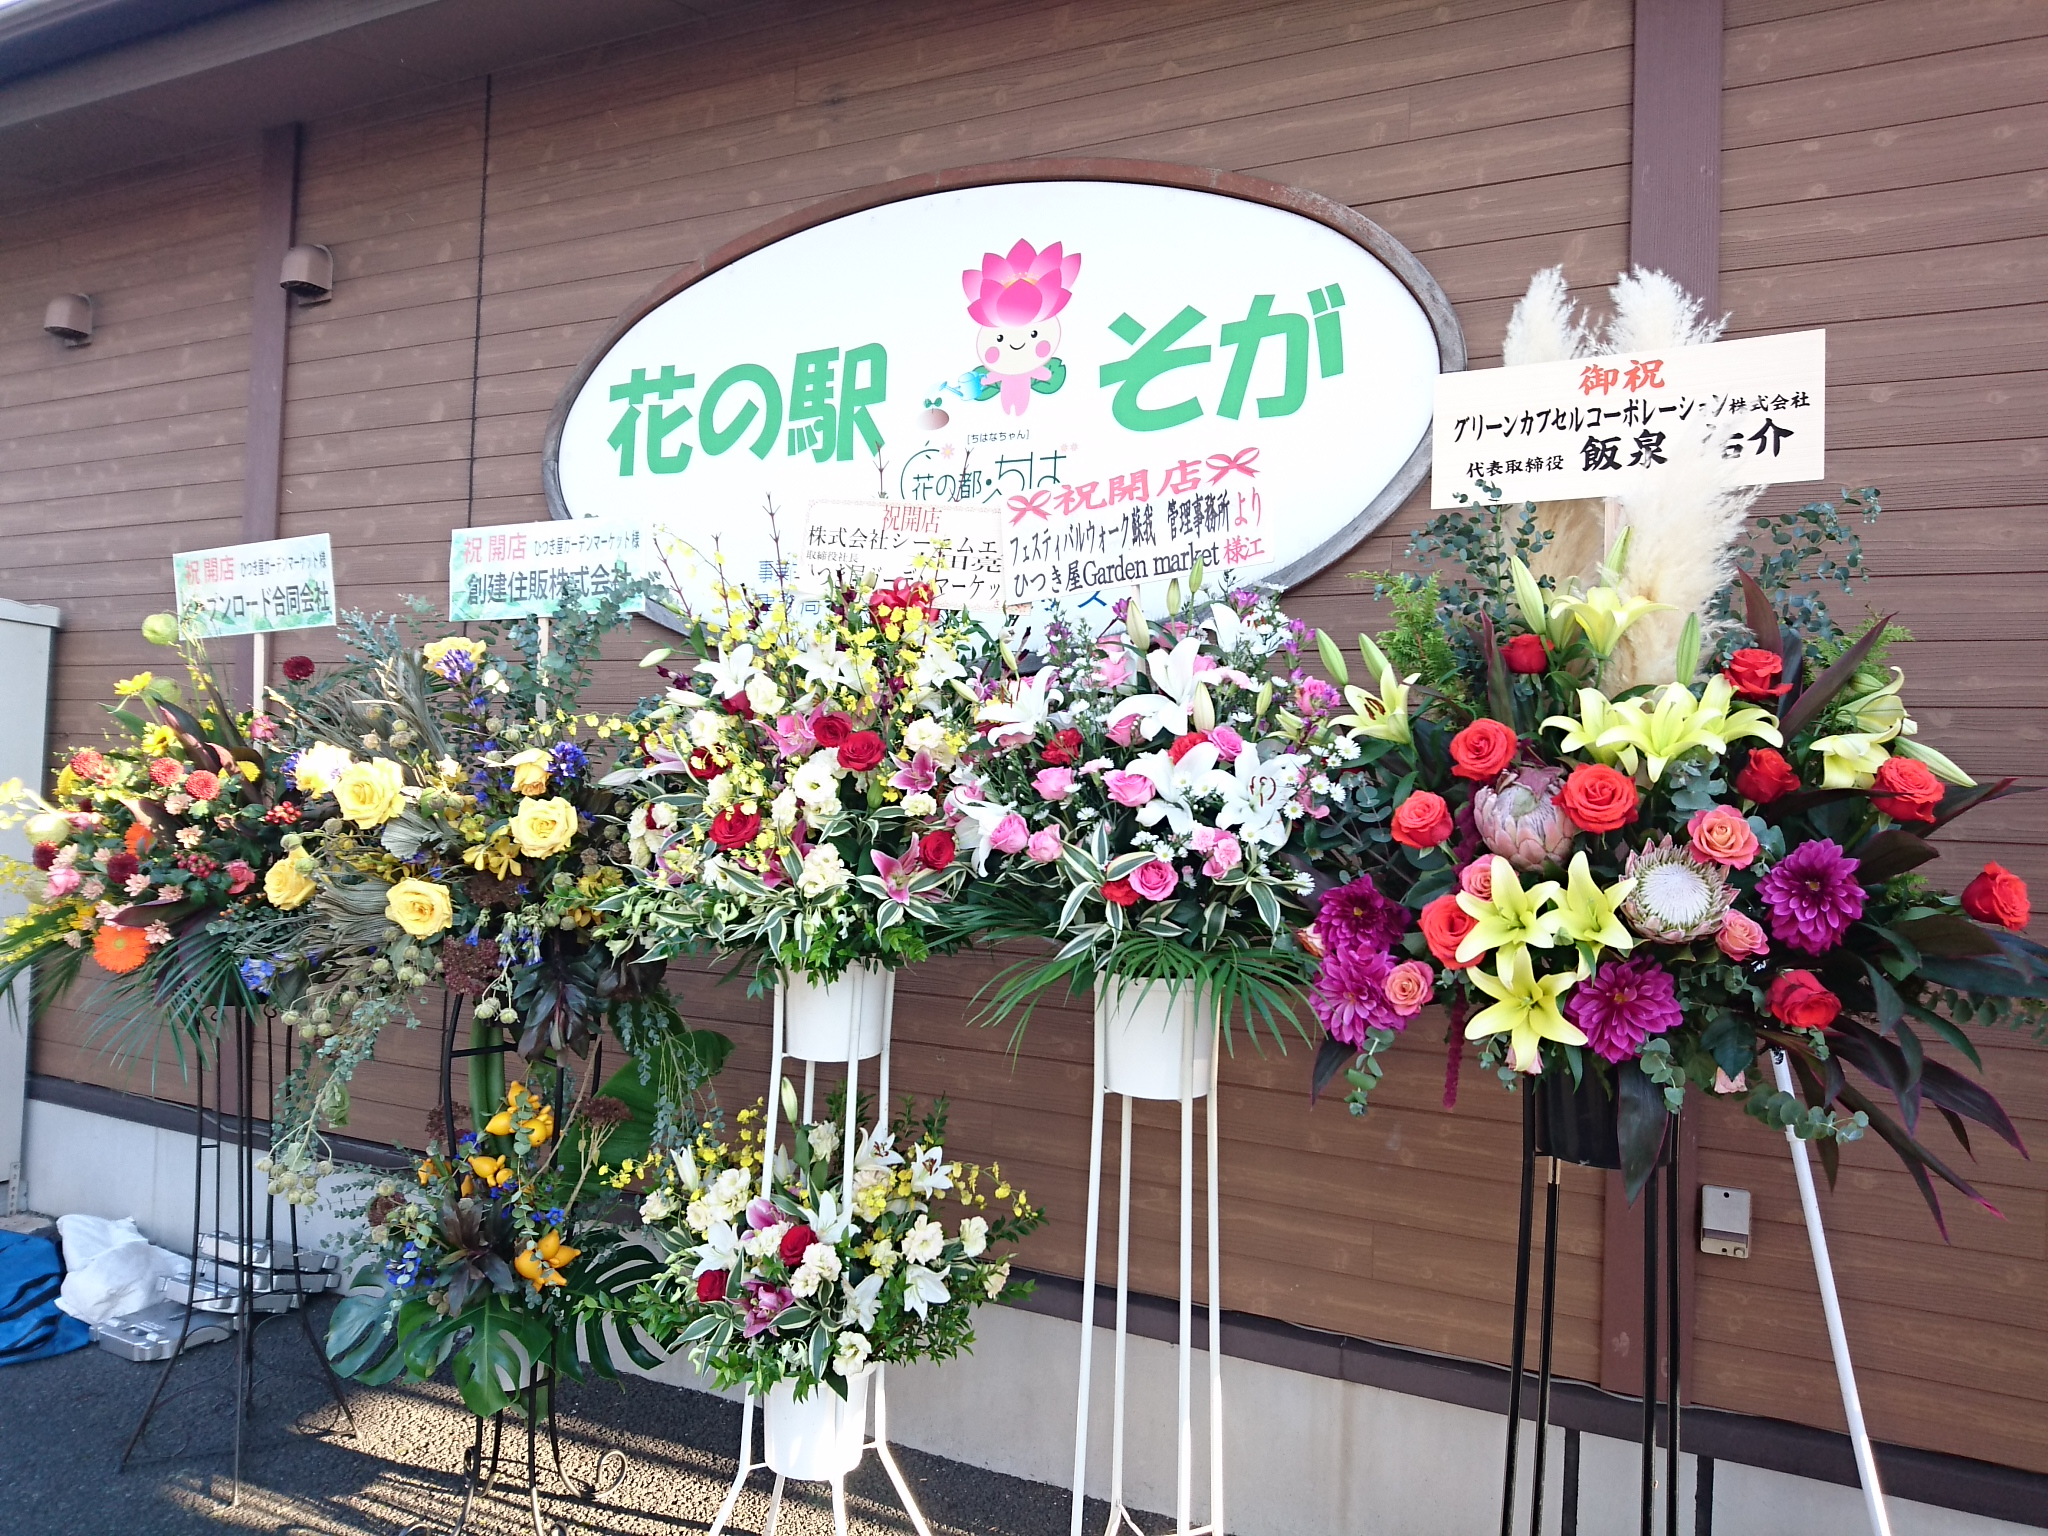 ひつき屋ガーデンマーケット